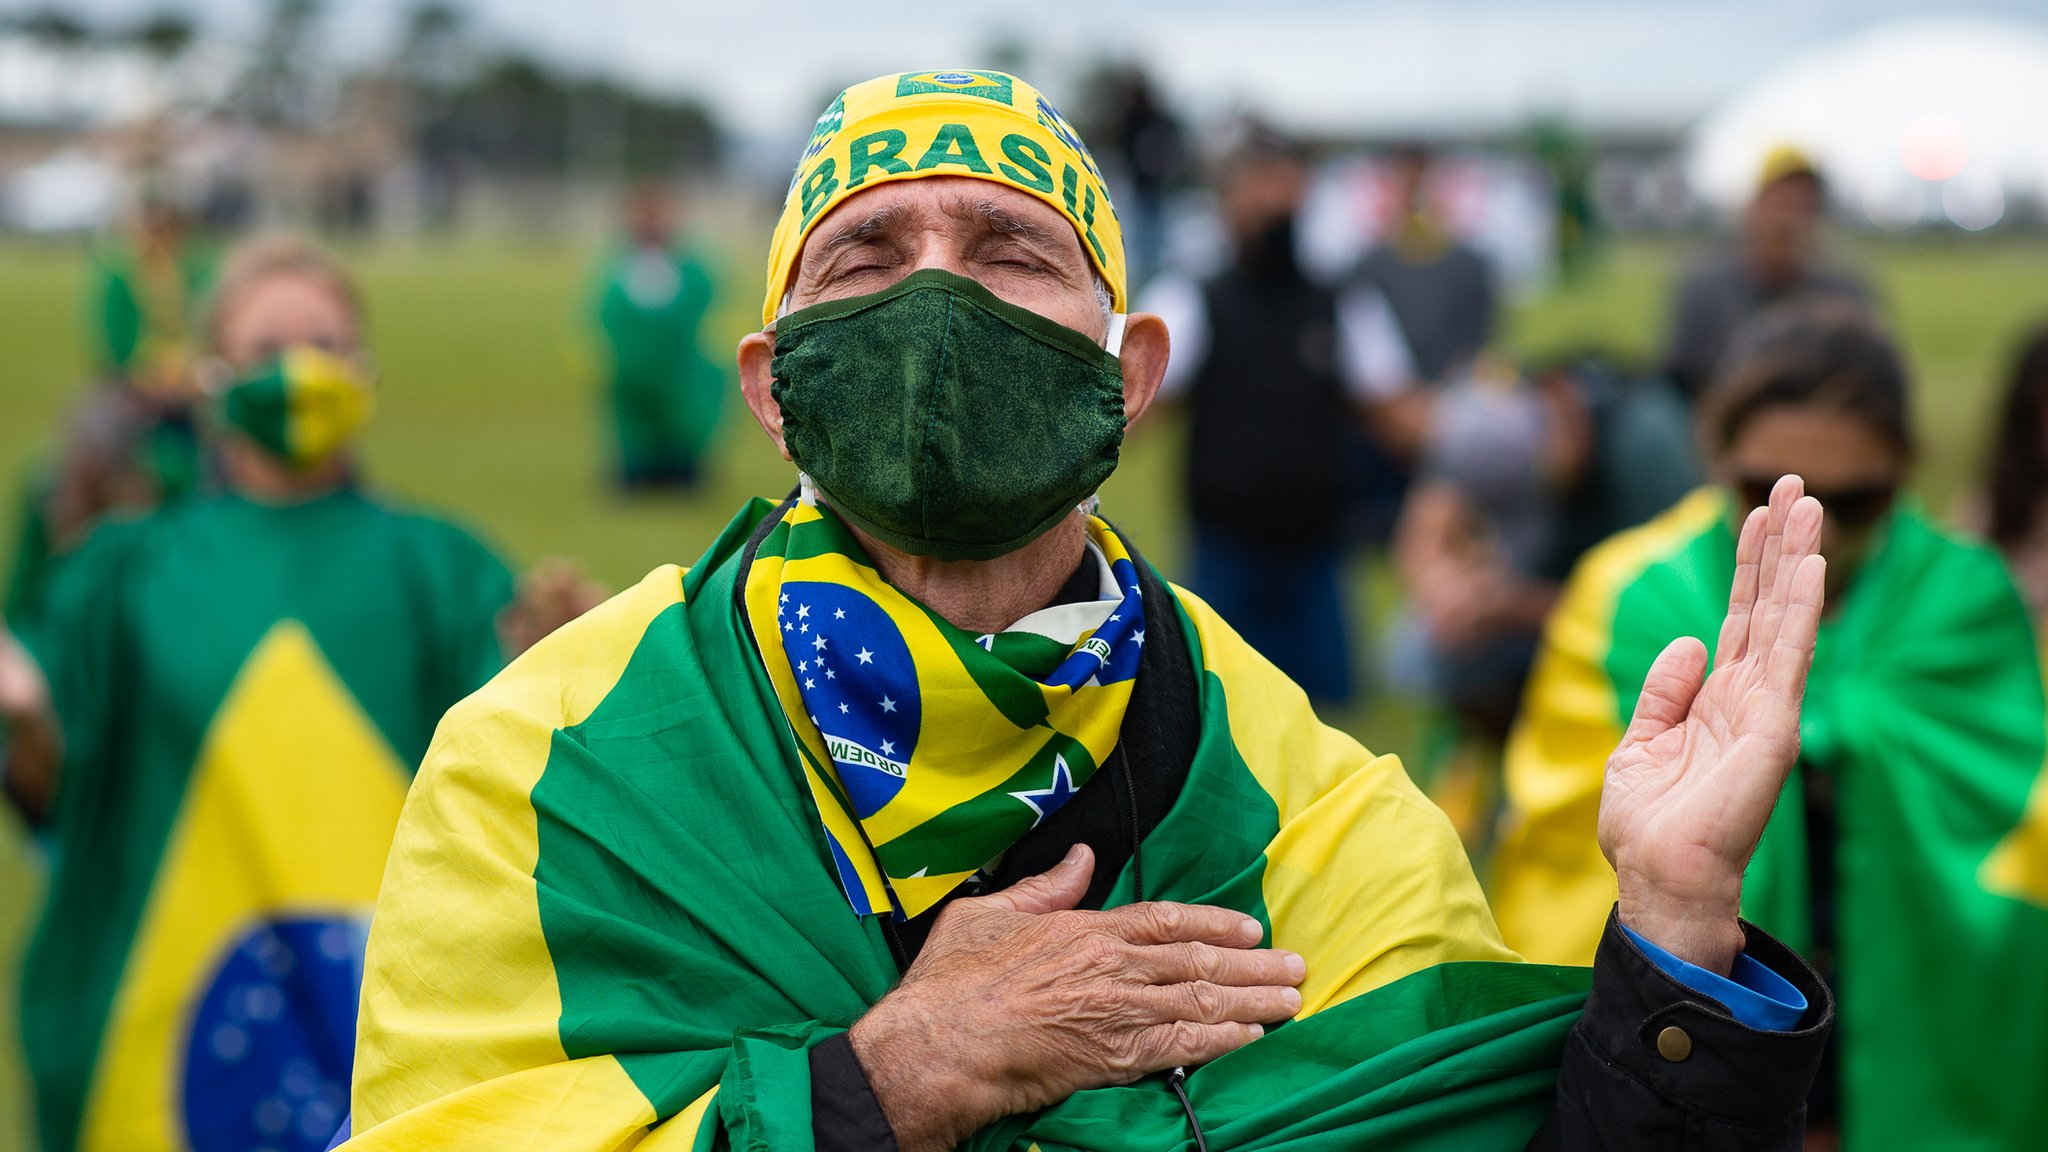 Brasil registró un nuevo récord de fallecidos por Covid-19 en una sola jornada